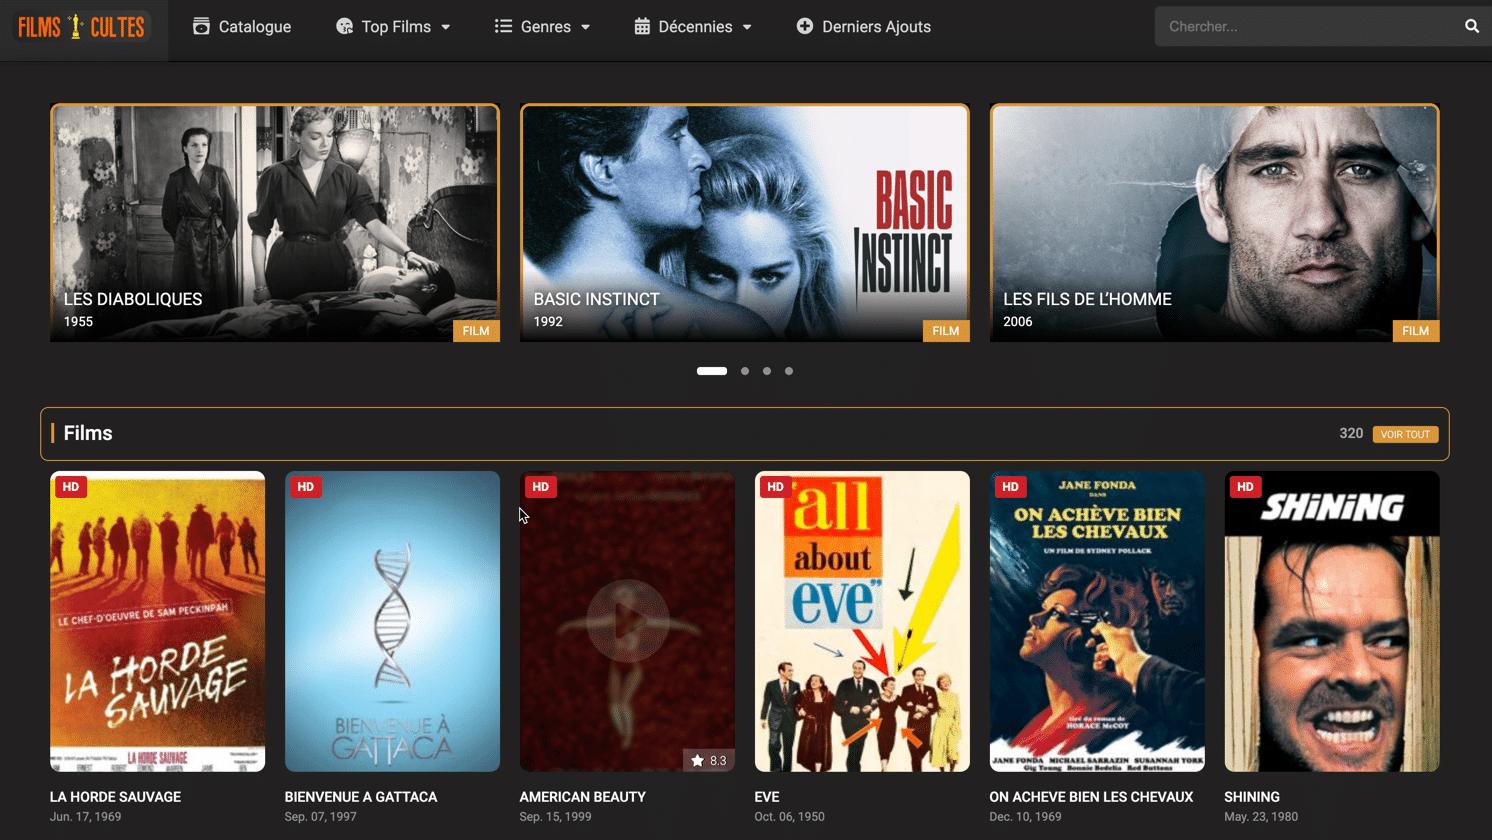 Découvrez ou redécouvrez les films cultes de ces dernières années. des centaines de films en accès libre, sans inscription.